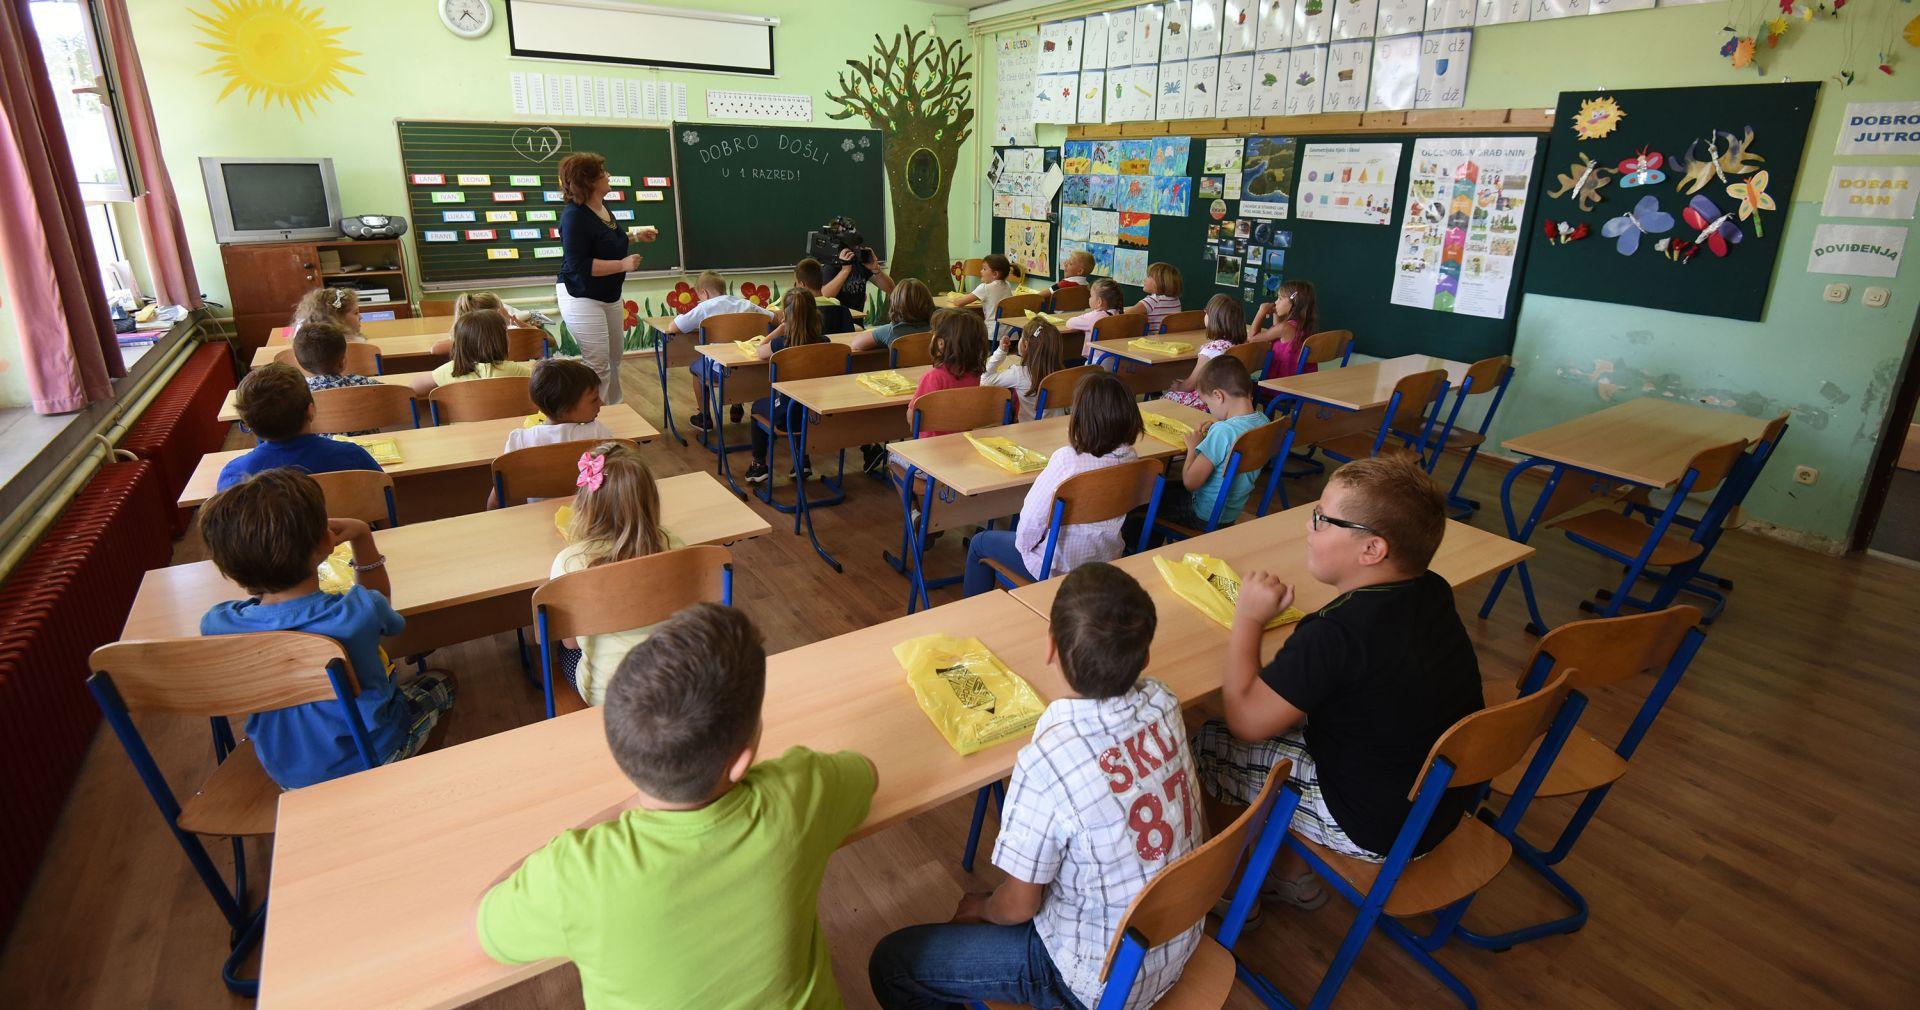 Nova školska godina počela za oko pola milijuna učenika, 1375 manje prvašića nego lani